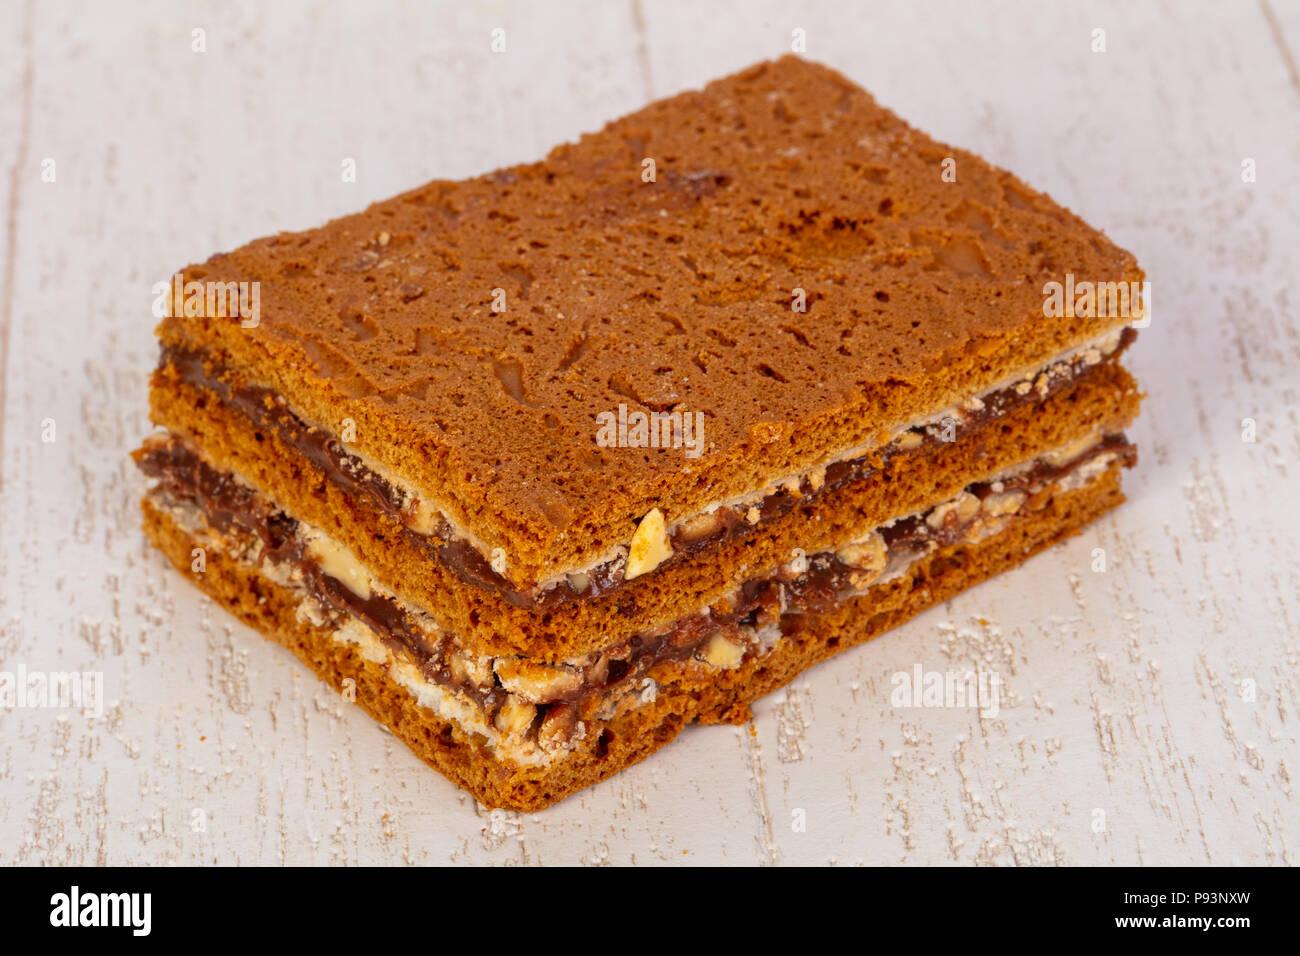 Lecker Honig Kuchen Russische Medovik Stockfoto Bild 212139393